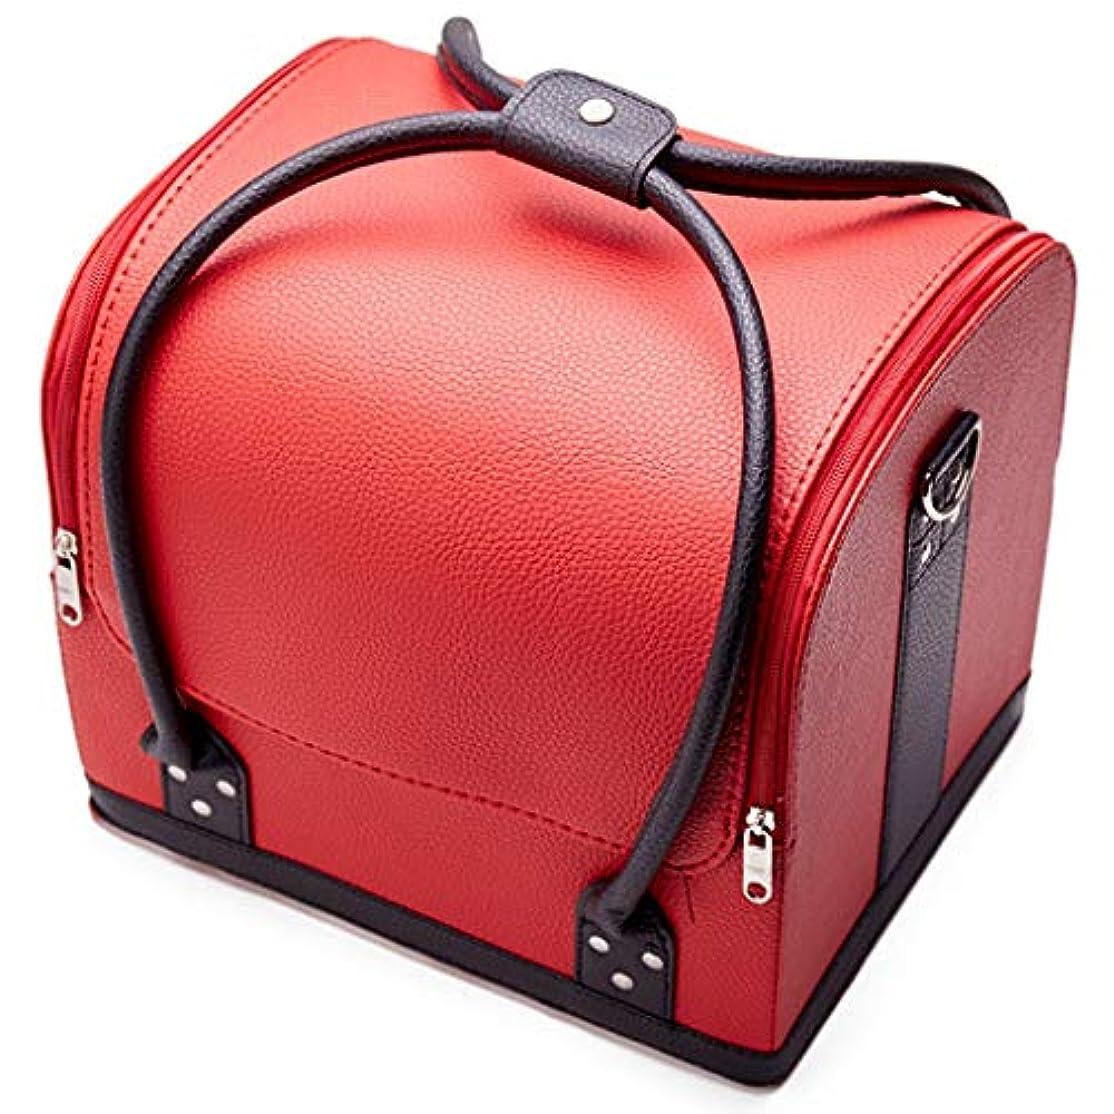 乱す最大の馬鹿げた[テンカ] メイクボックス コスメボックス 赤黒 ネイリストバッグ 化粧箱 収納ケース 収納ボックス 防水 洗える 化粧品?化粧道具入れ 自宅?出張?旅行?アウトドア撮影 プロ用 大容量 多機能